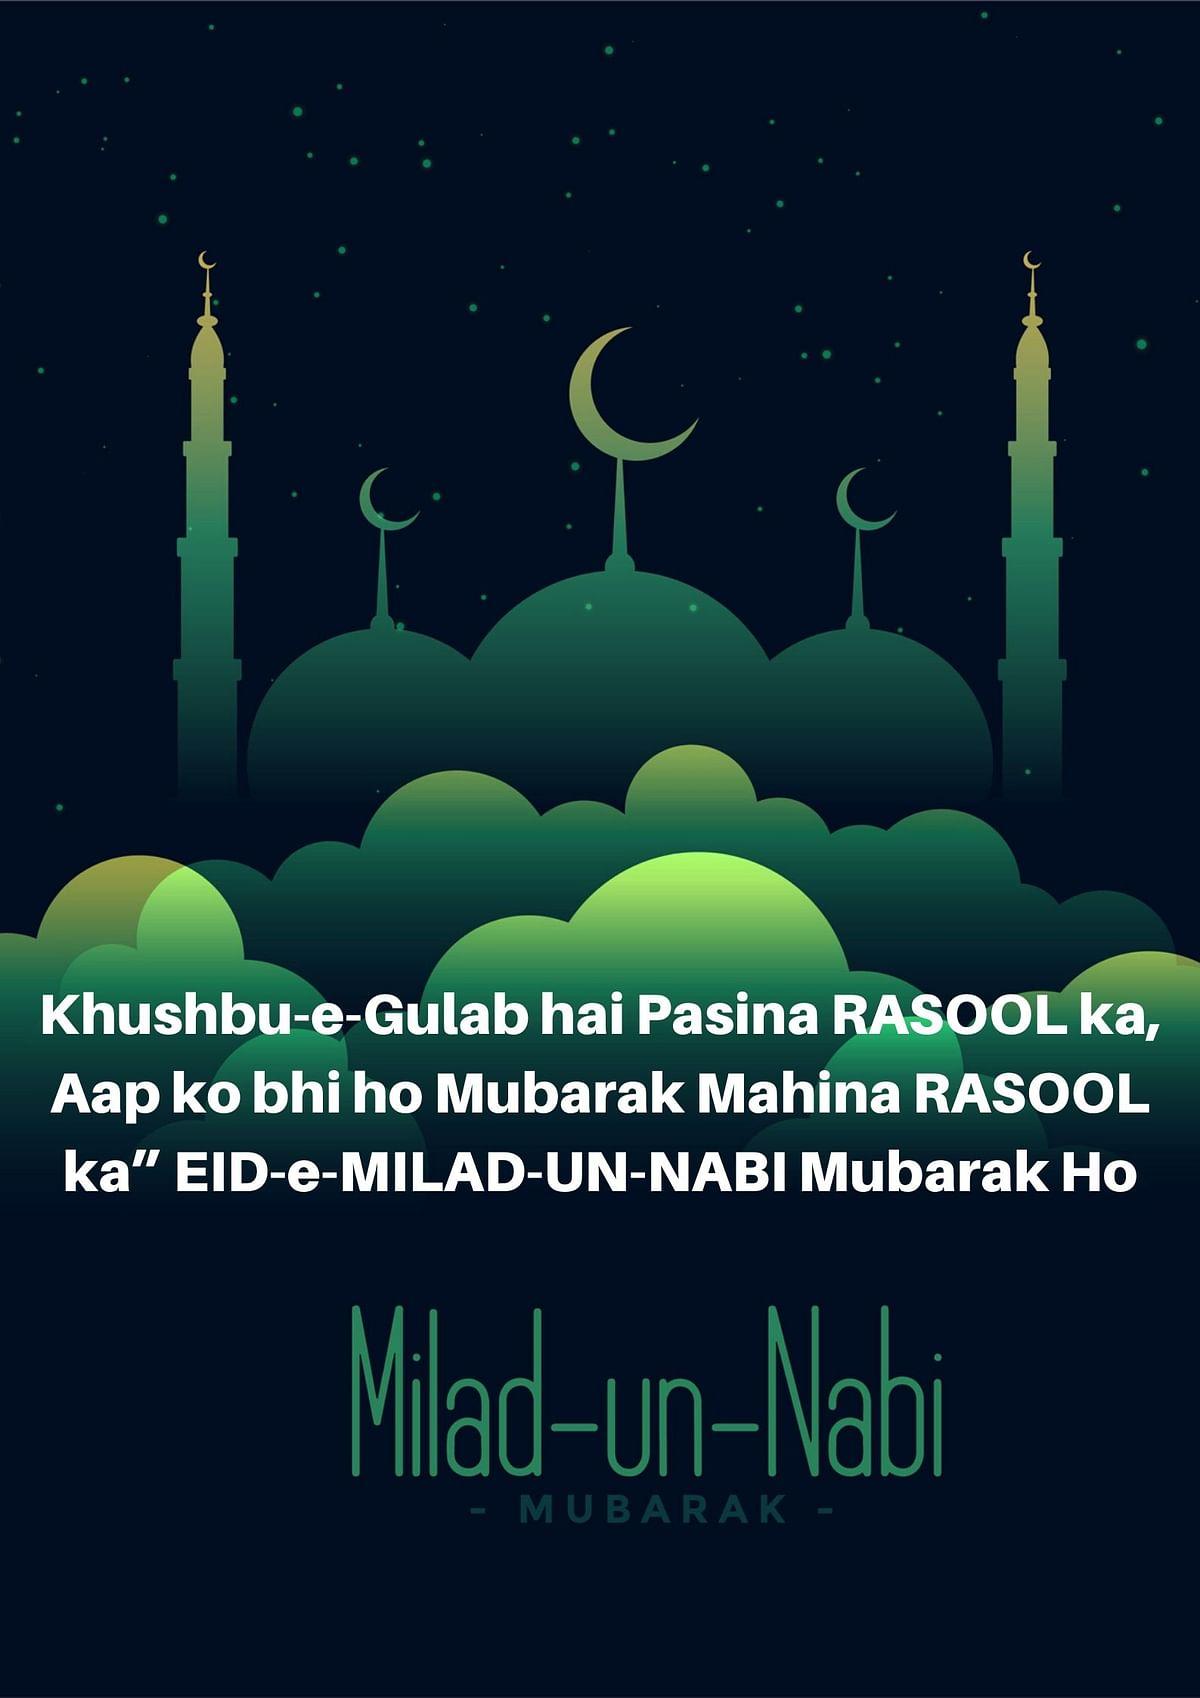 Eid Milad-un-Nabi wishes in Hindi.